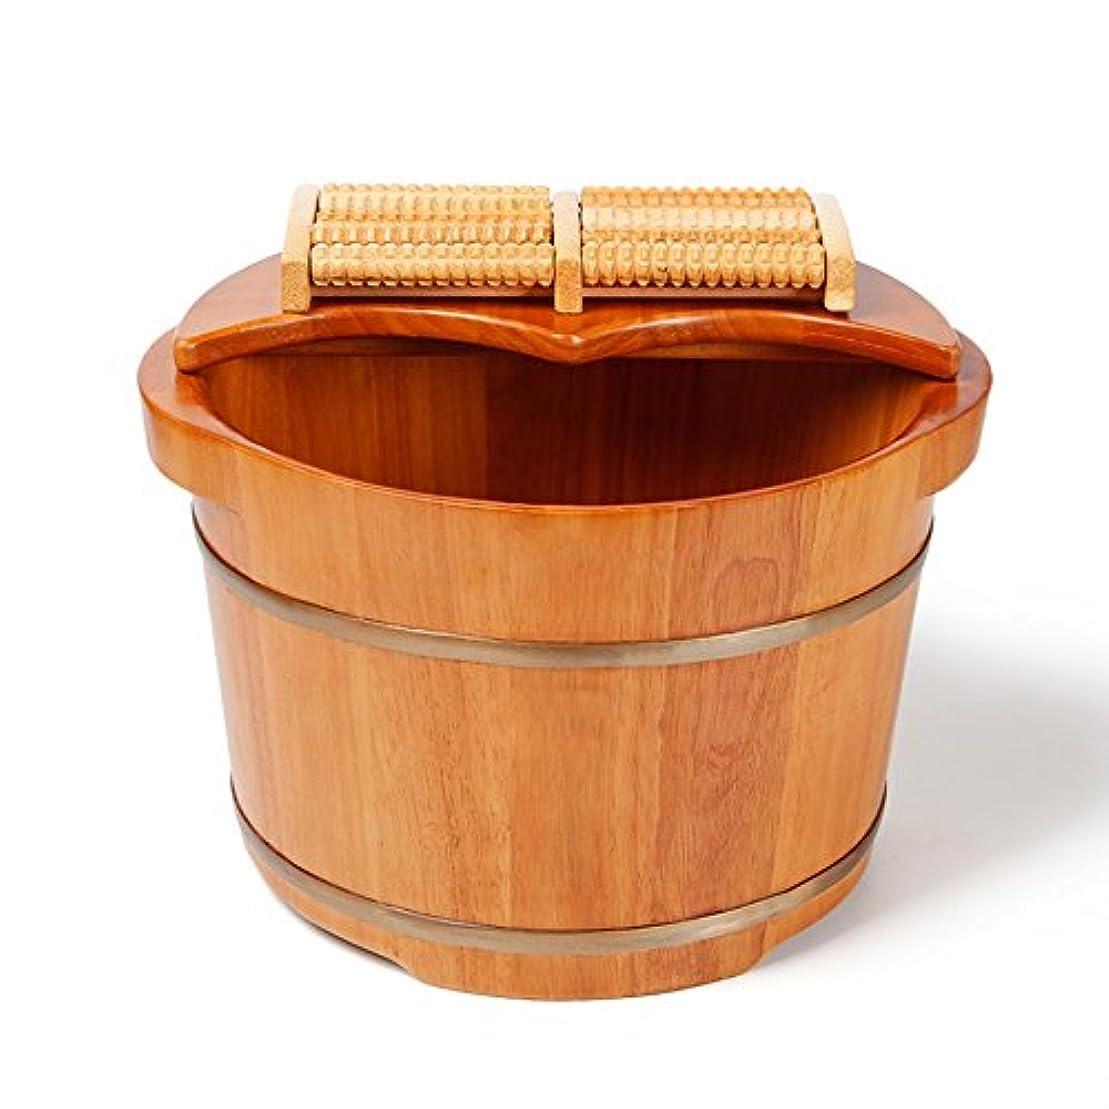 いつも一流きょうだいC&L 足の浴槽、木製の足の洗面器足のバレルの足のマッサージの足の洗面器カバーの足の浴槽38 * 31 * 26cm ( サイズ さいず : 38*31*26cm )